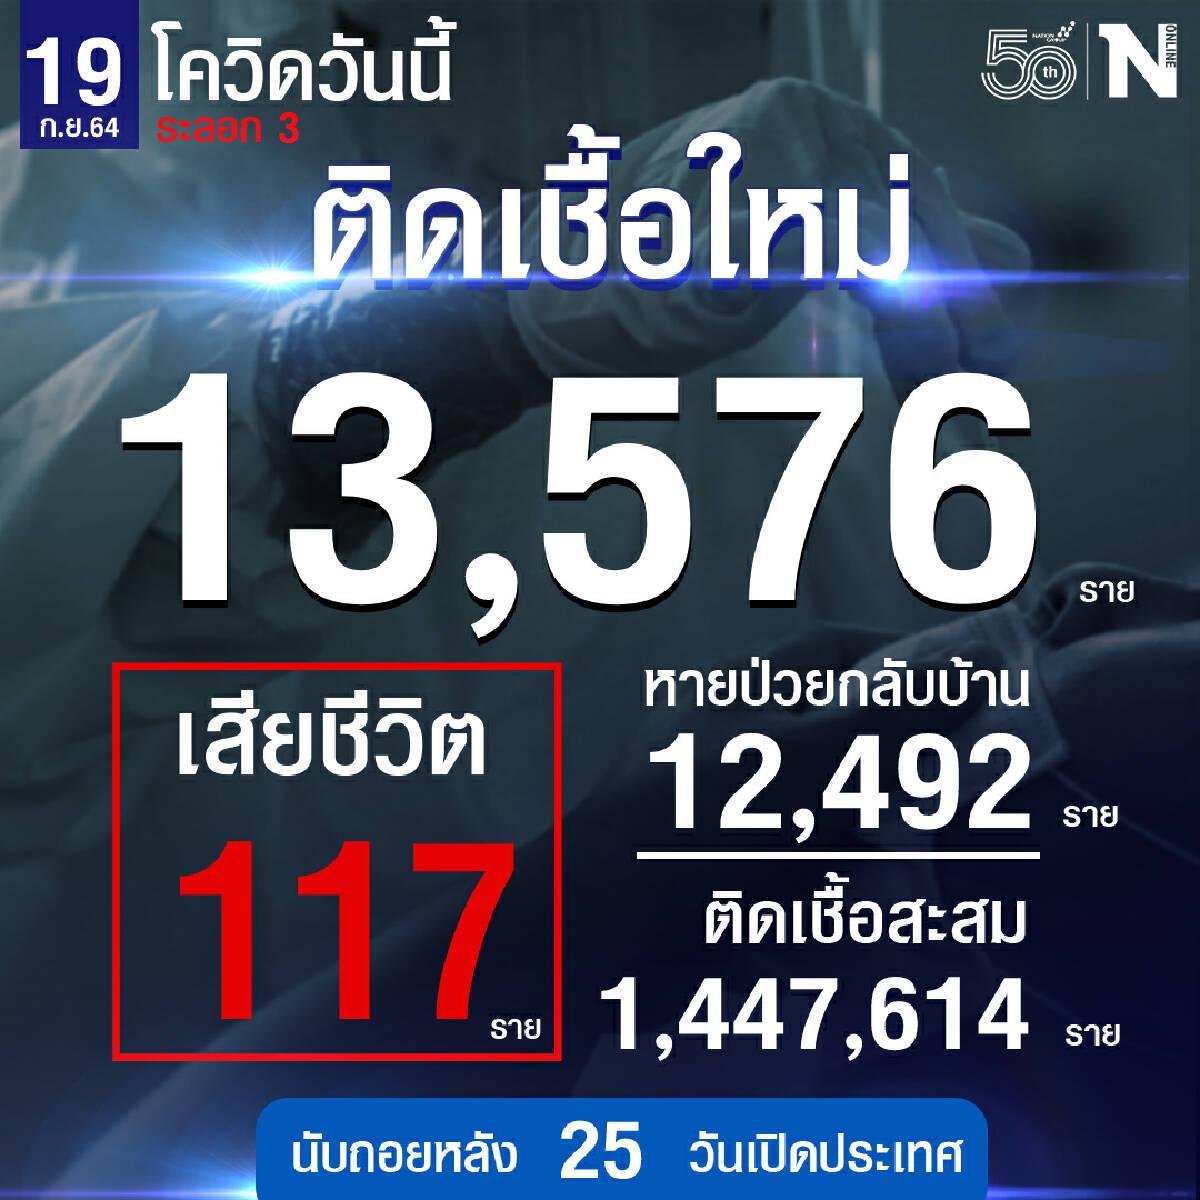 ศบค.เผย ผู้ติดเชื้อวันนี้ 13,576 หายป่วย 12,048 เสียชีวิต 117 ราย